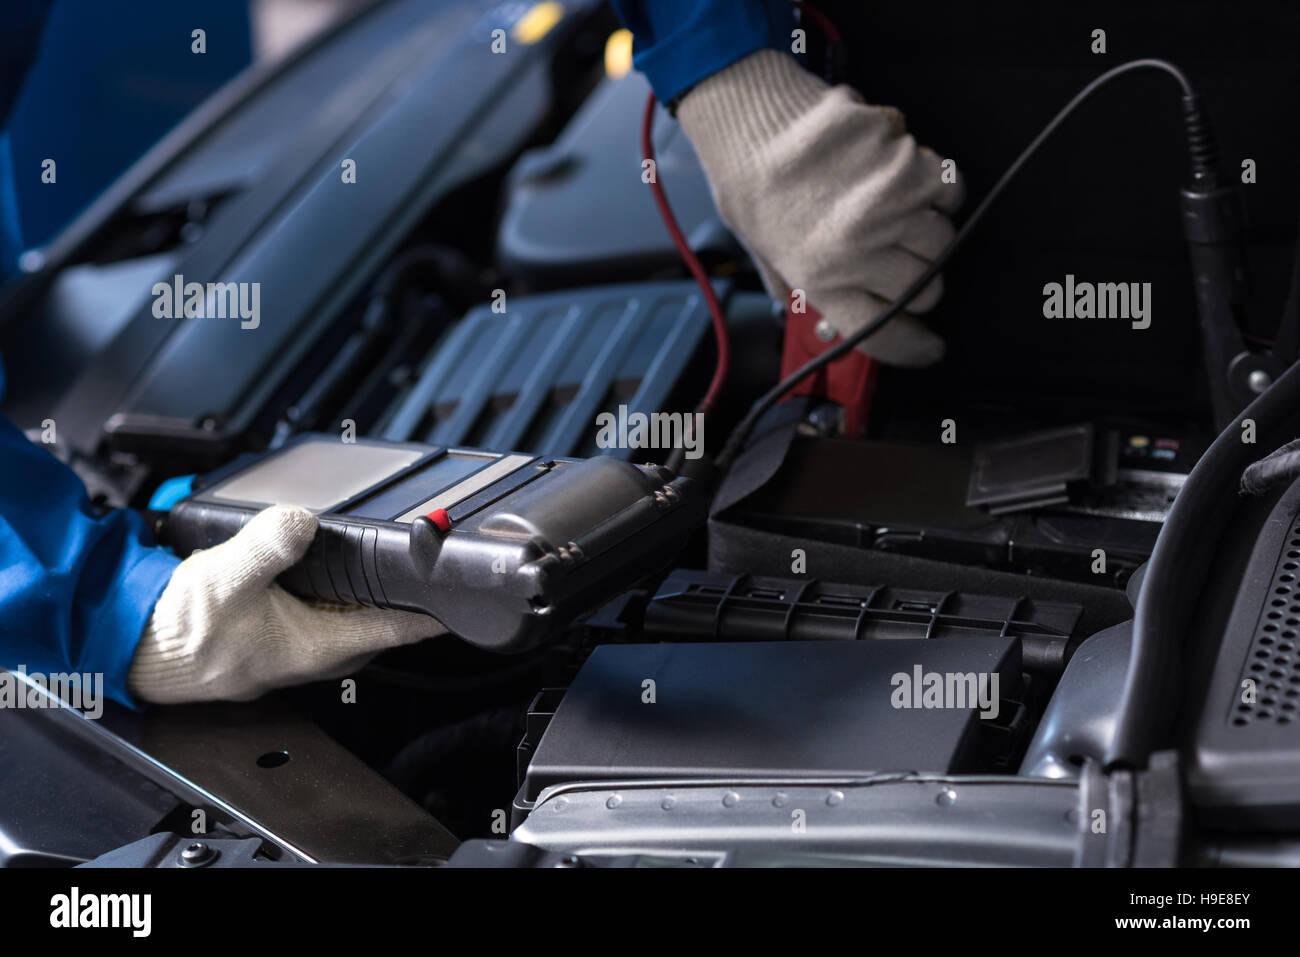 Professional mechanic examining car engine - Stock Image